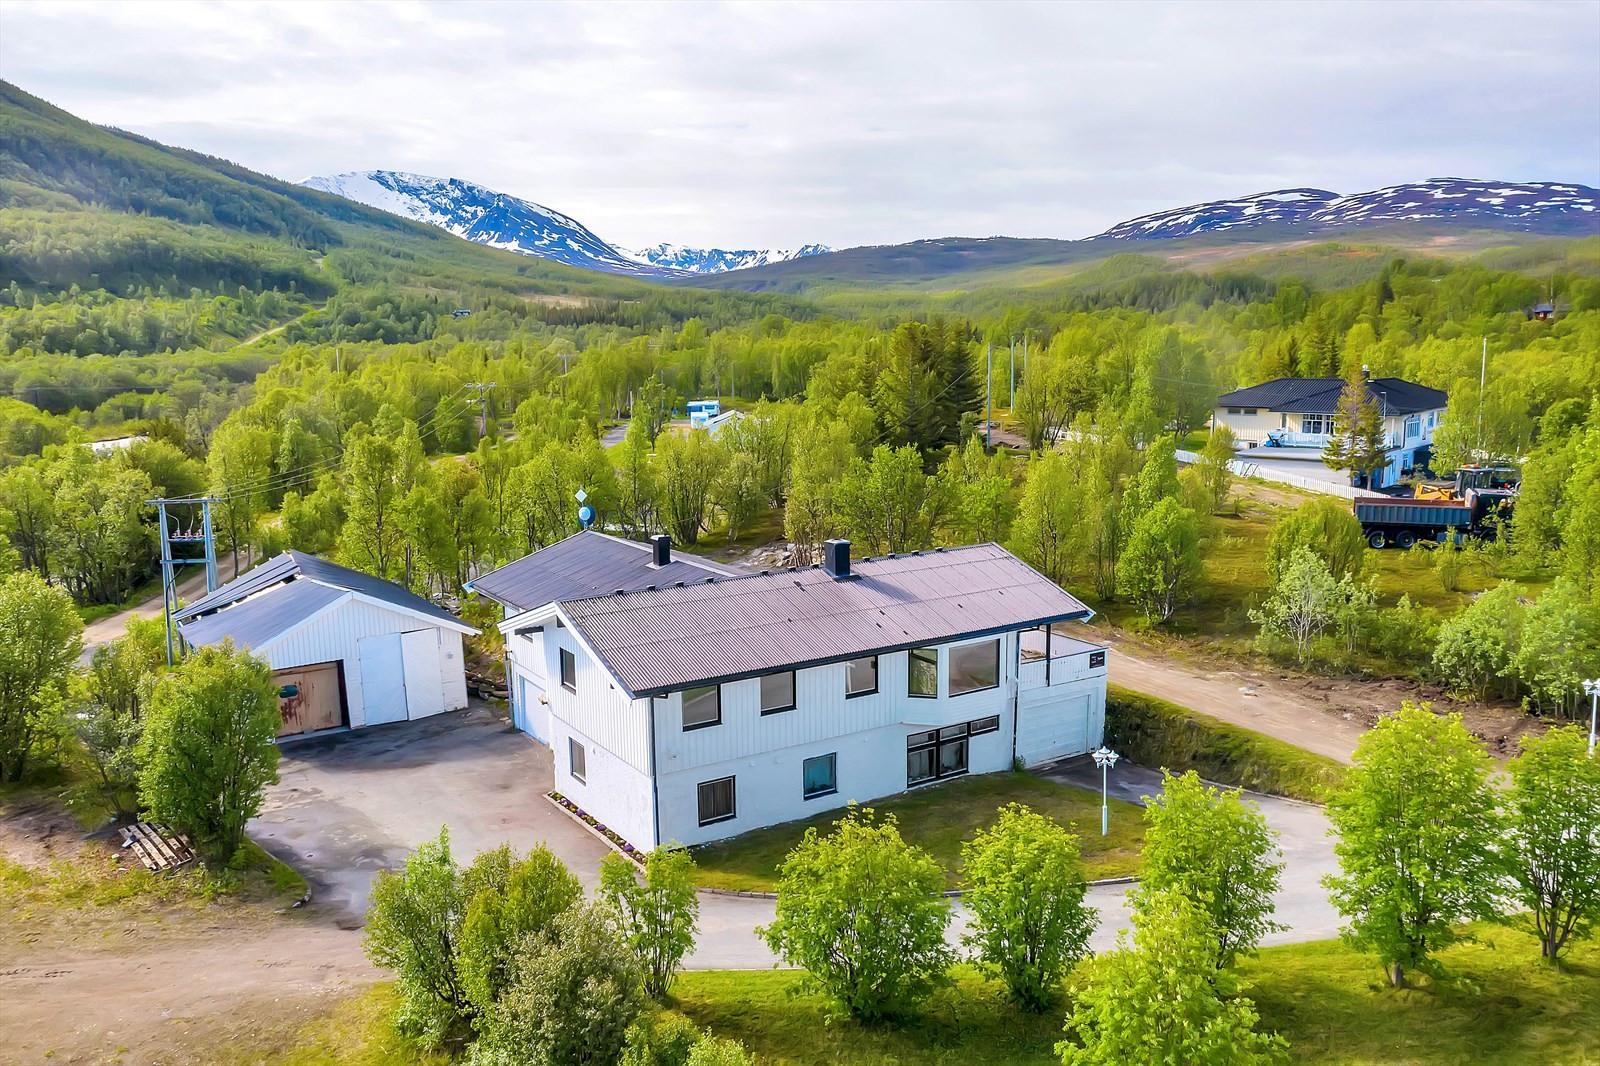 Velkommen til naturskjønne Skittenelv. Bak huset ligger det flotte turløyper i umiddelbar nærhet til bl.a Skittenelvdalen mm.